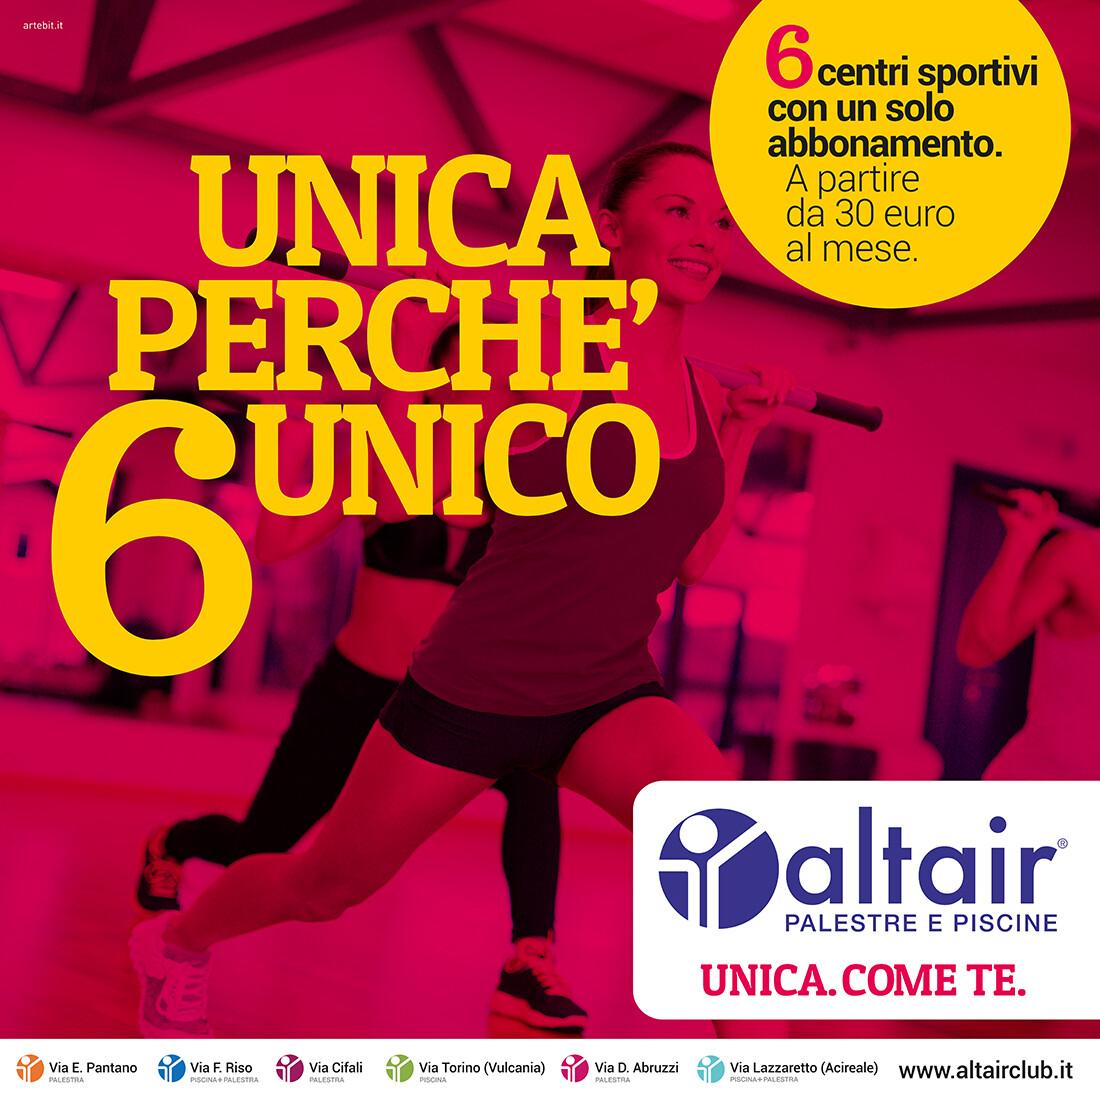 Altair - Unica perchè 6 unica - 6x6 - Artebit